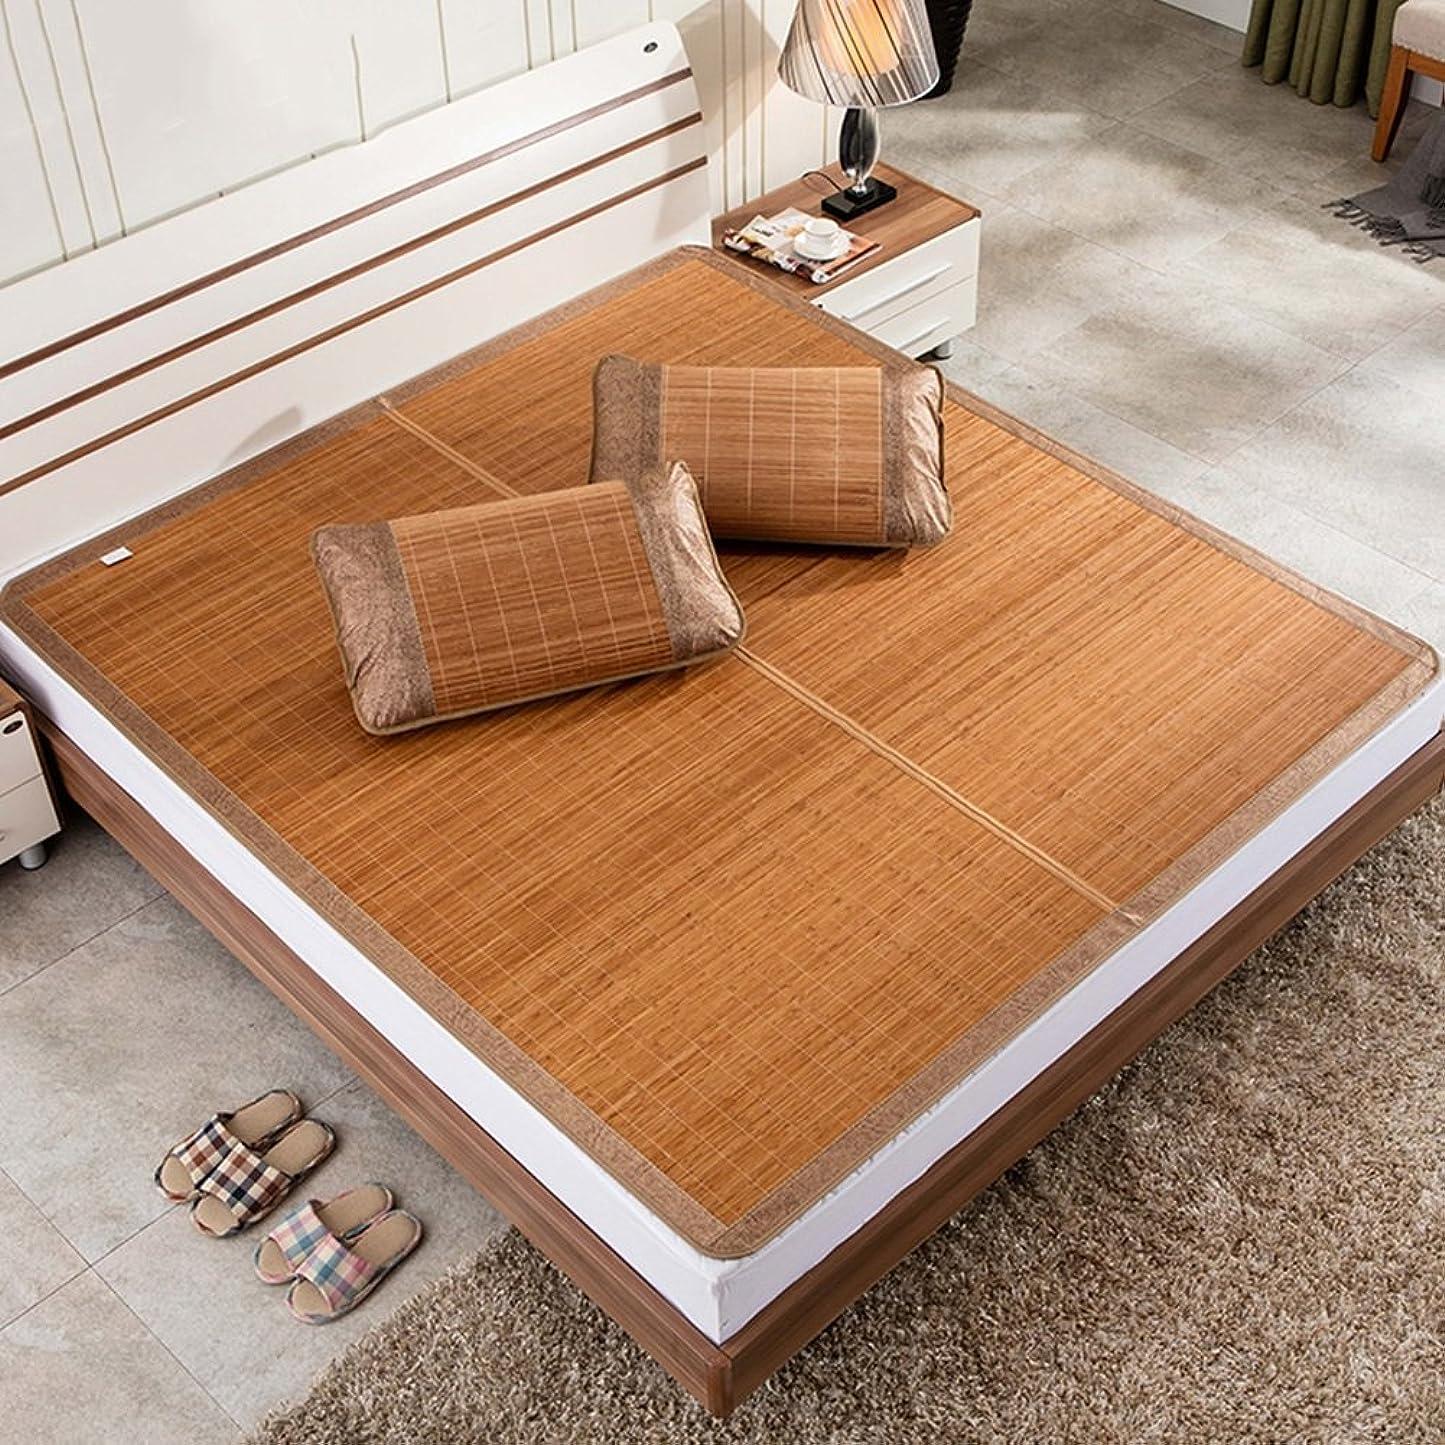 経歴セージパスタクールマットレス、寝具ストローマット寝袋マットベッドマット折り畳み式ホームベッドルーム寝室マルチ機能、枕カバーなし、8サイズ 凉席 涼しい席 (サイズ さいず : 1.35×1.95m)